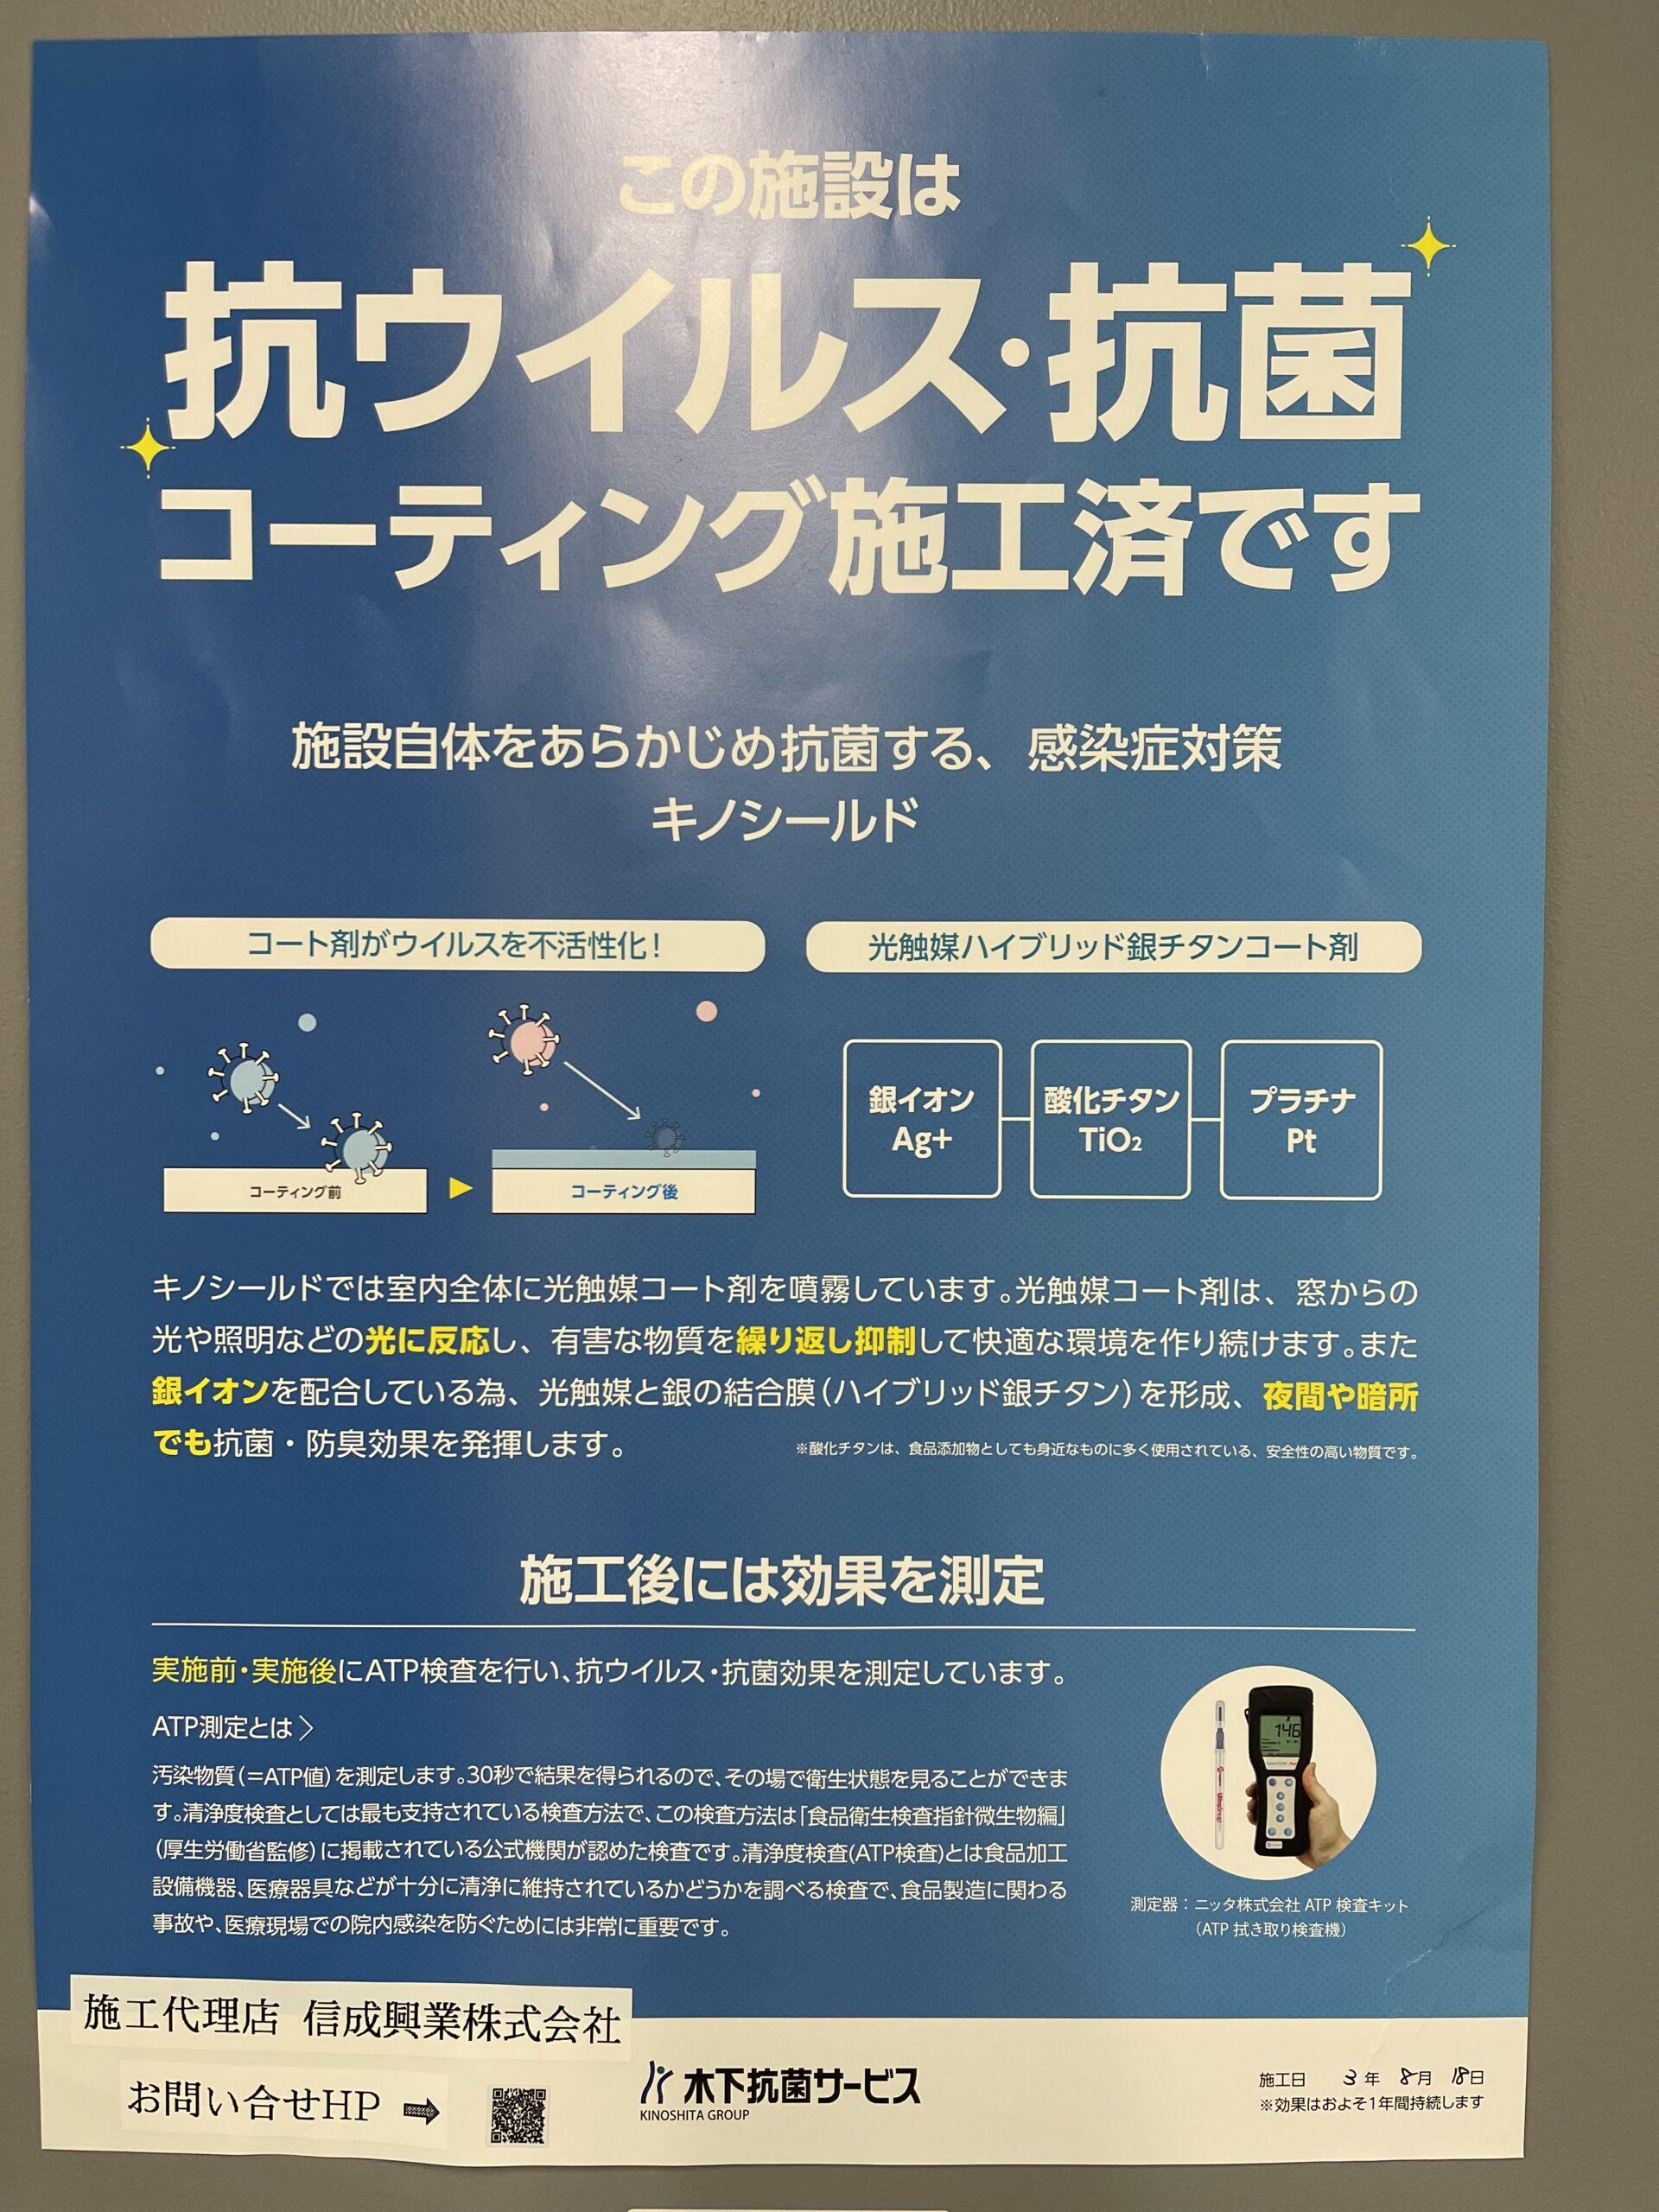 【新型コロナウイルス対策】抗菌ウイルスコーティング施工を行いました!